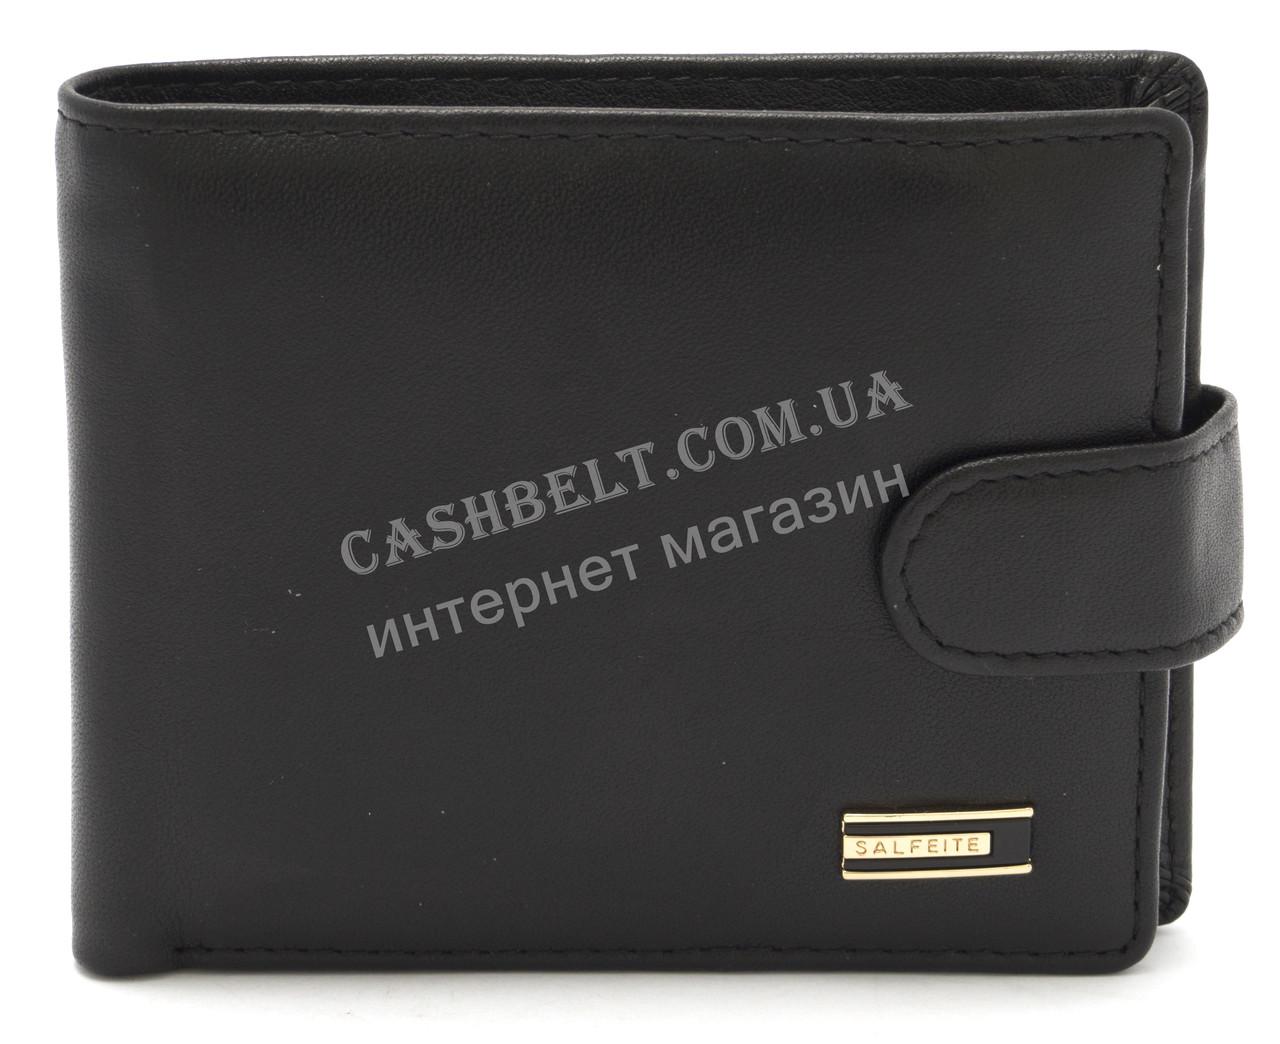 Стильный практичный кожаный мужской кошелек SALFEITE art. 8173N-BLK черного цвета